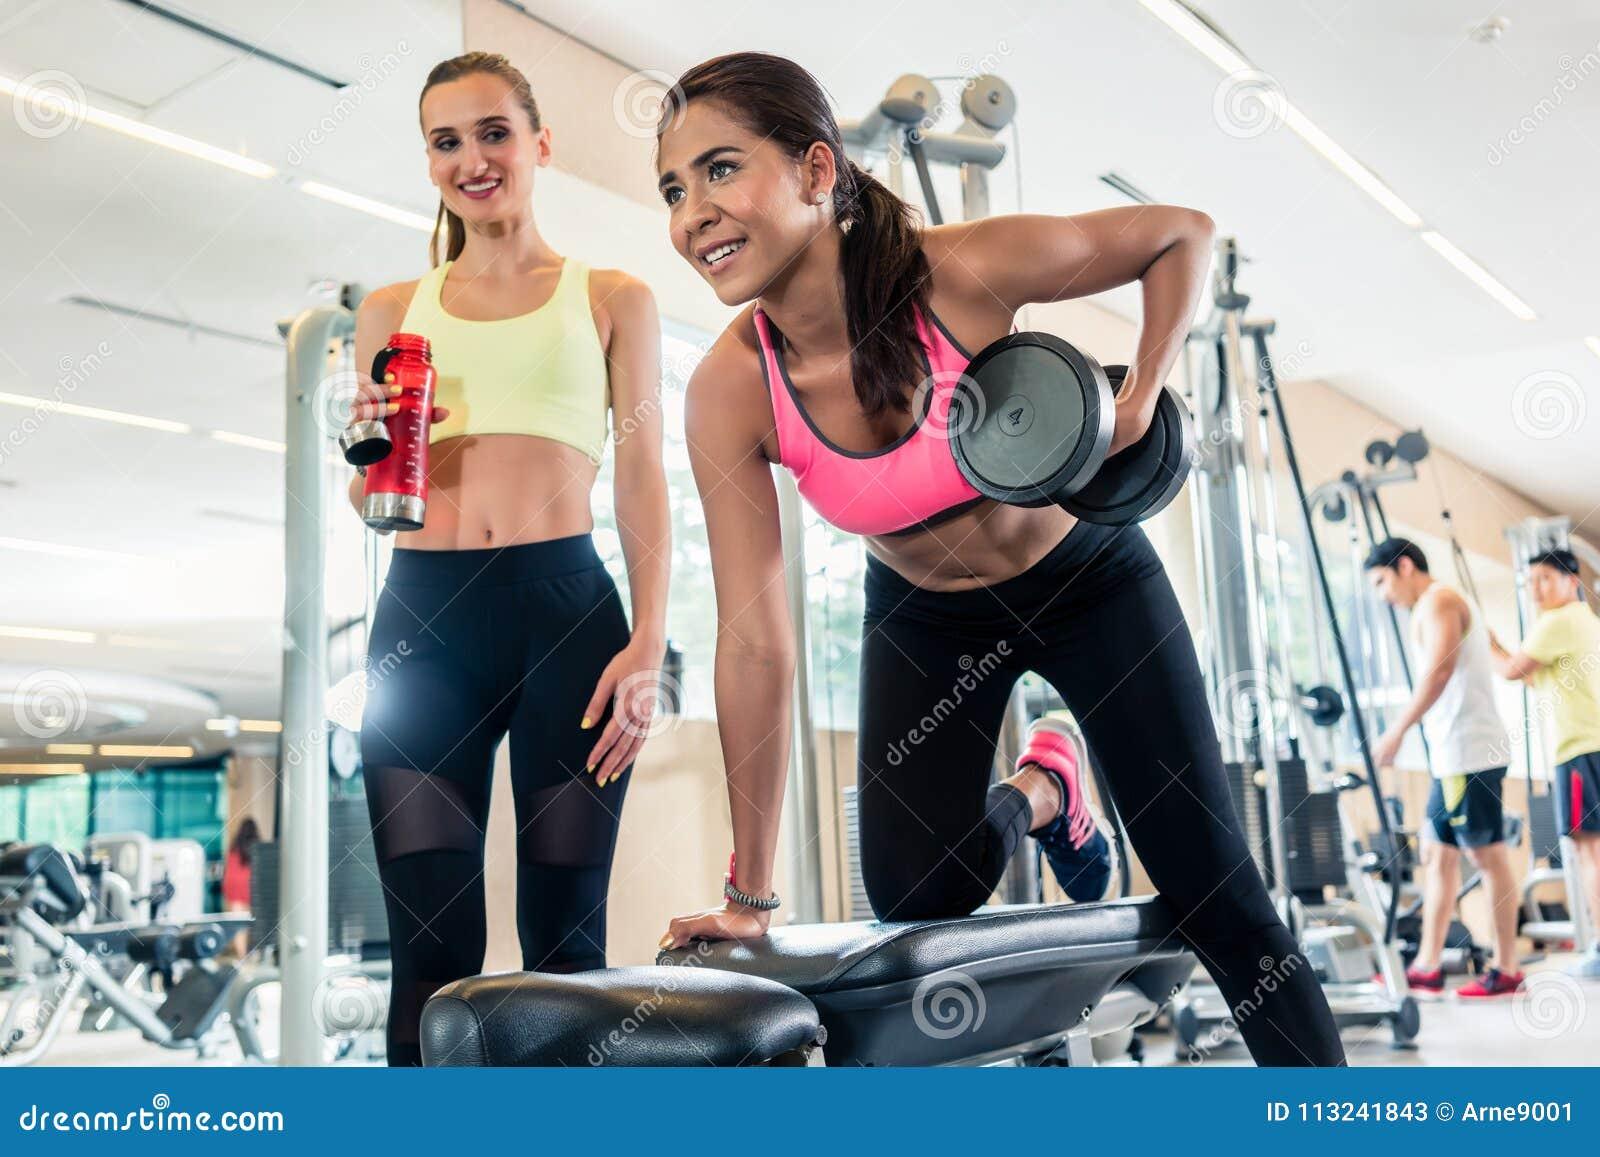 Starke junge lächelnde Frau beim Rudern mit einem Arm